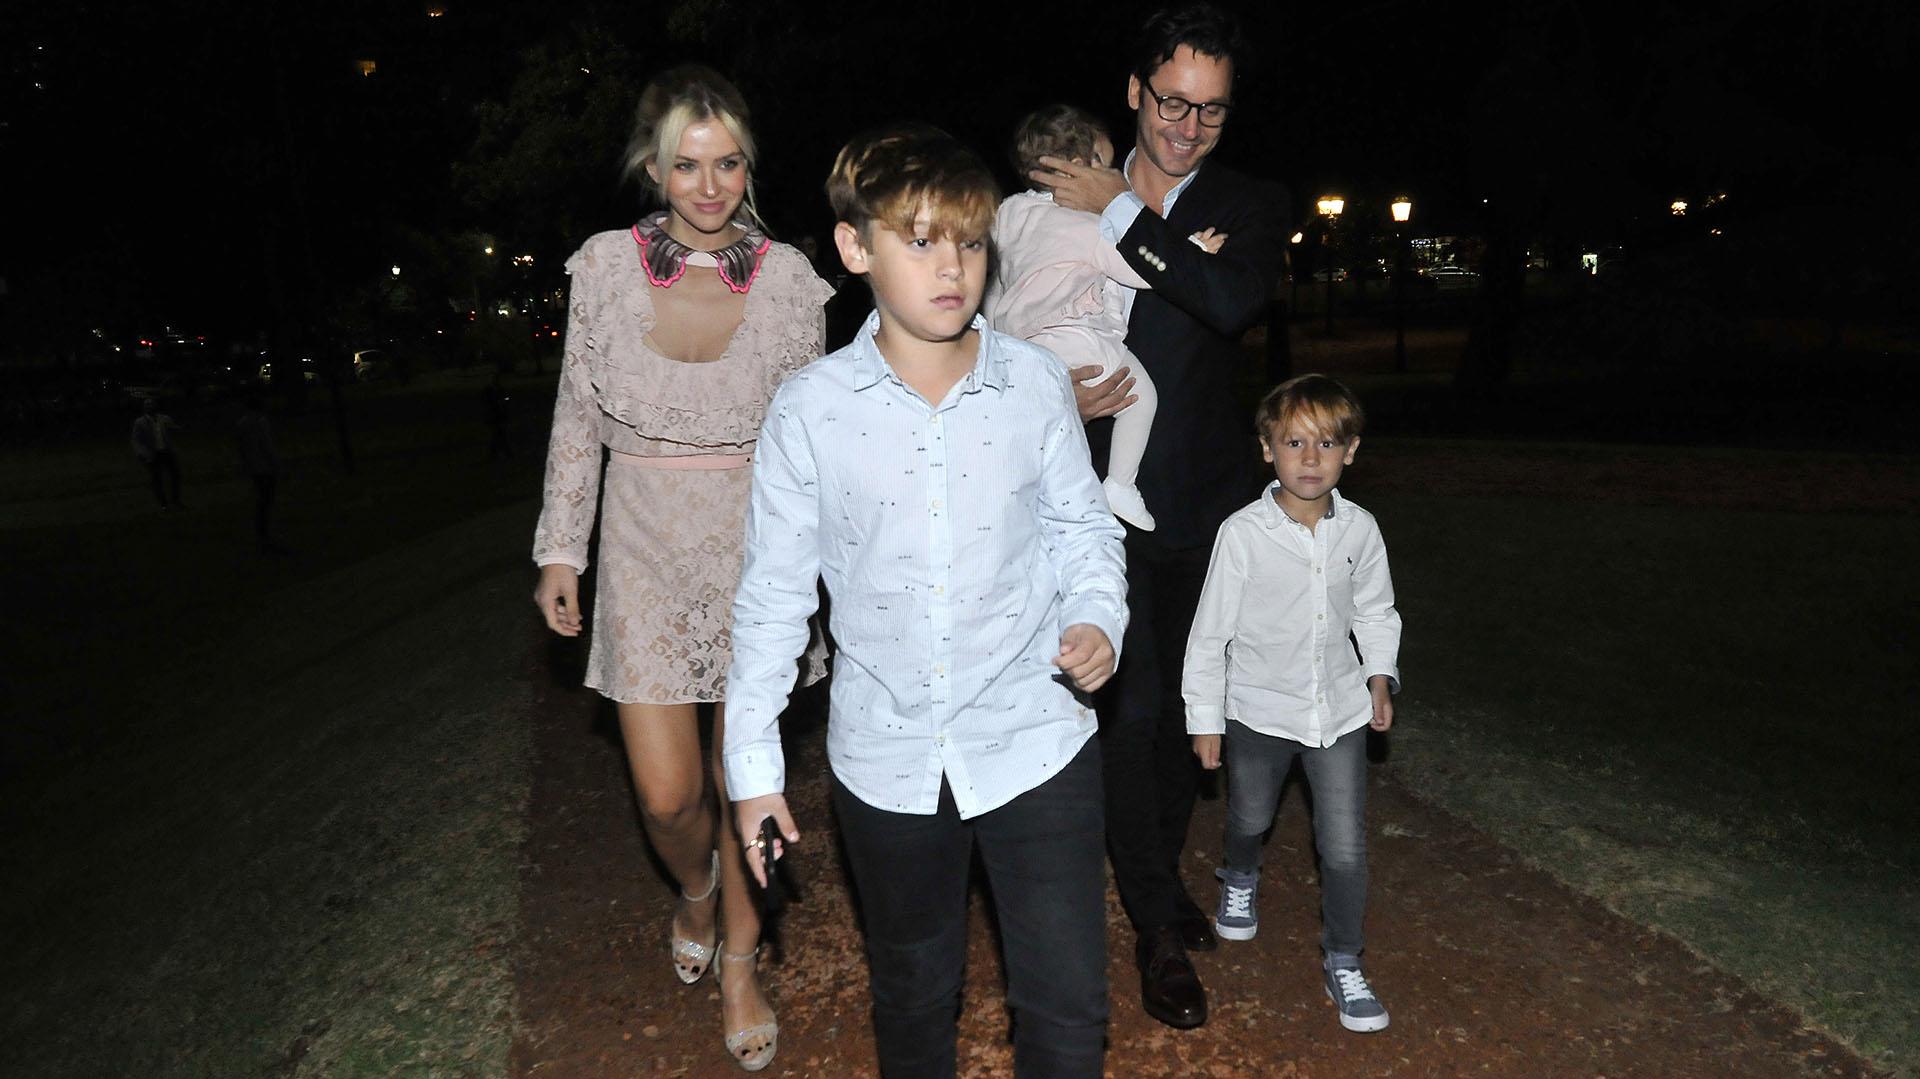 Tras recibir el premio, el actor se retiró feliz junto a su mujer y sus hijos (Fotos: Verónica Guerman/Teleshow)